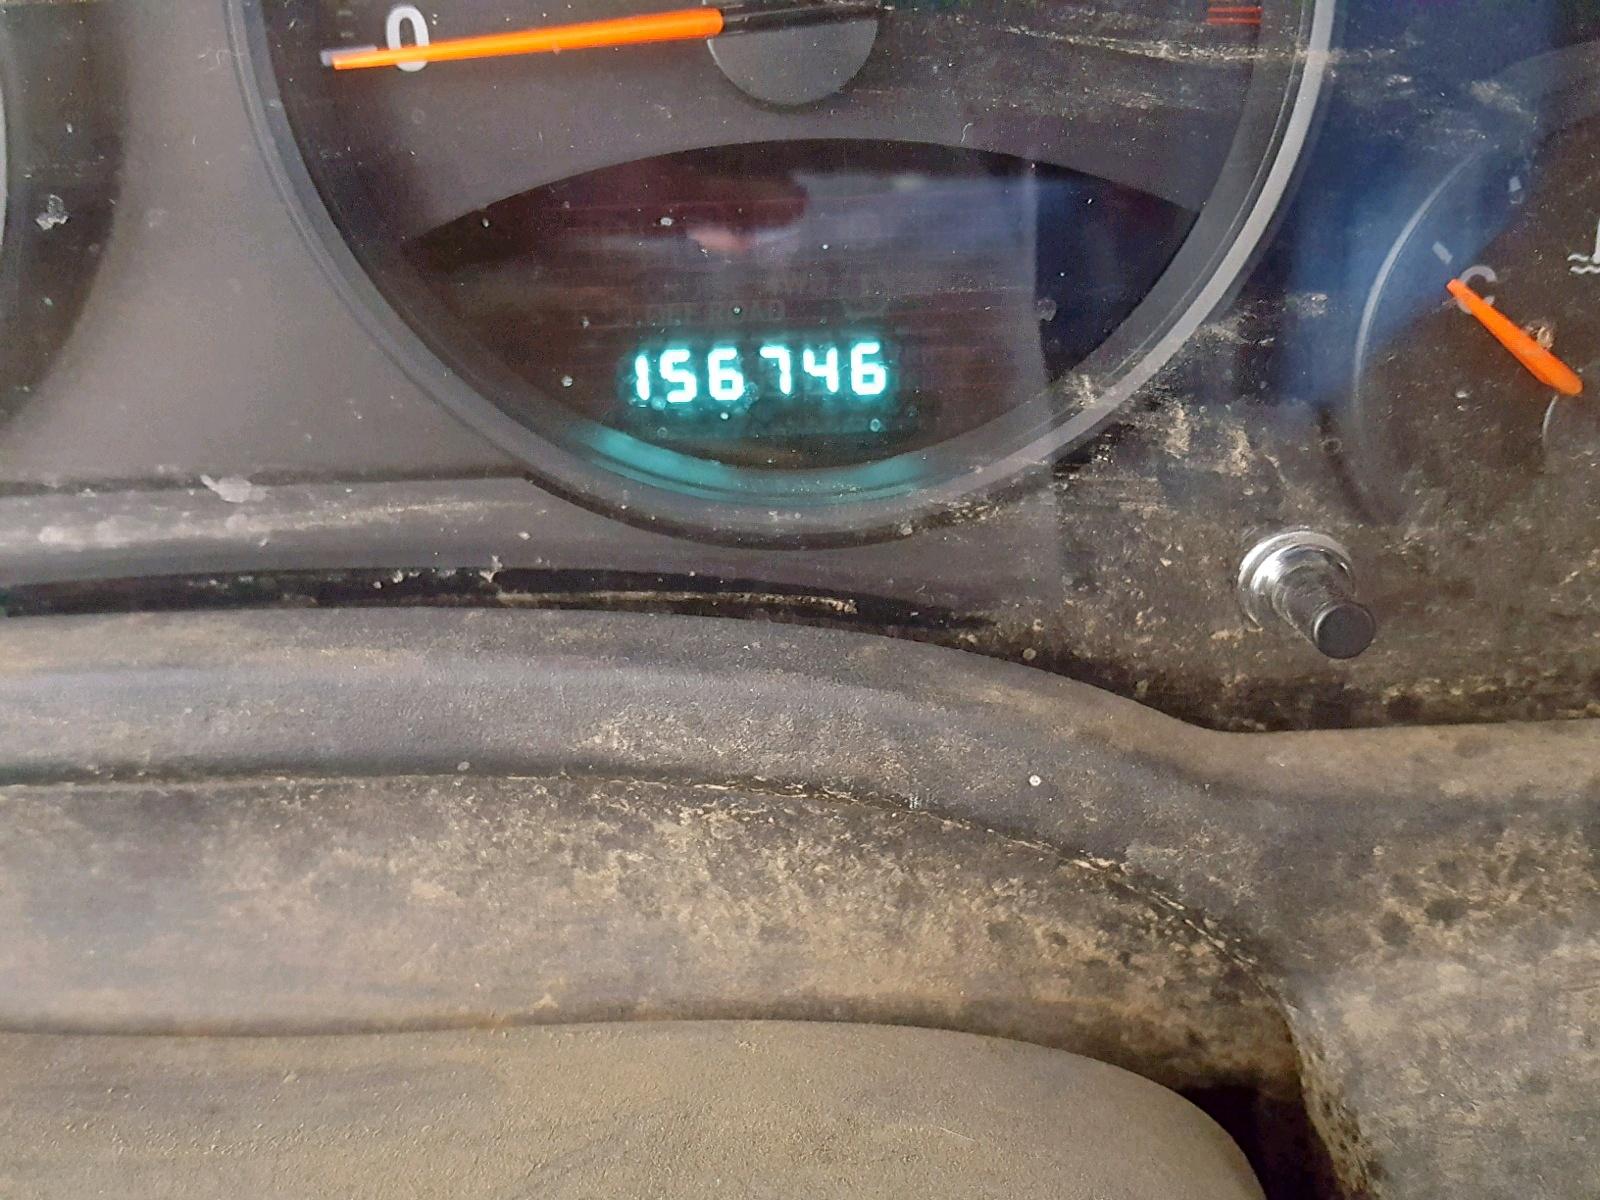 1C4NJPBA8DD272697 - 2013 Jeep Patriot Sp 2.0L front view